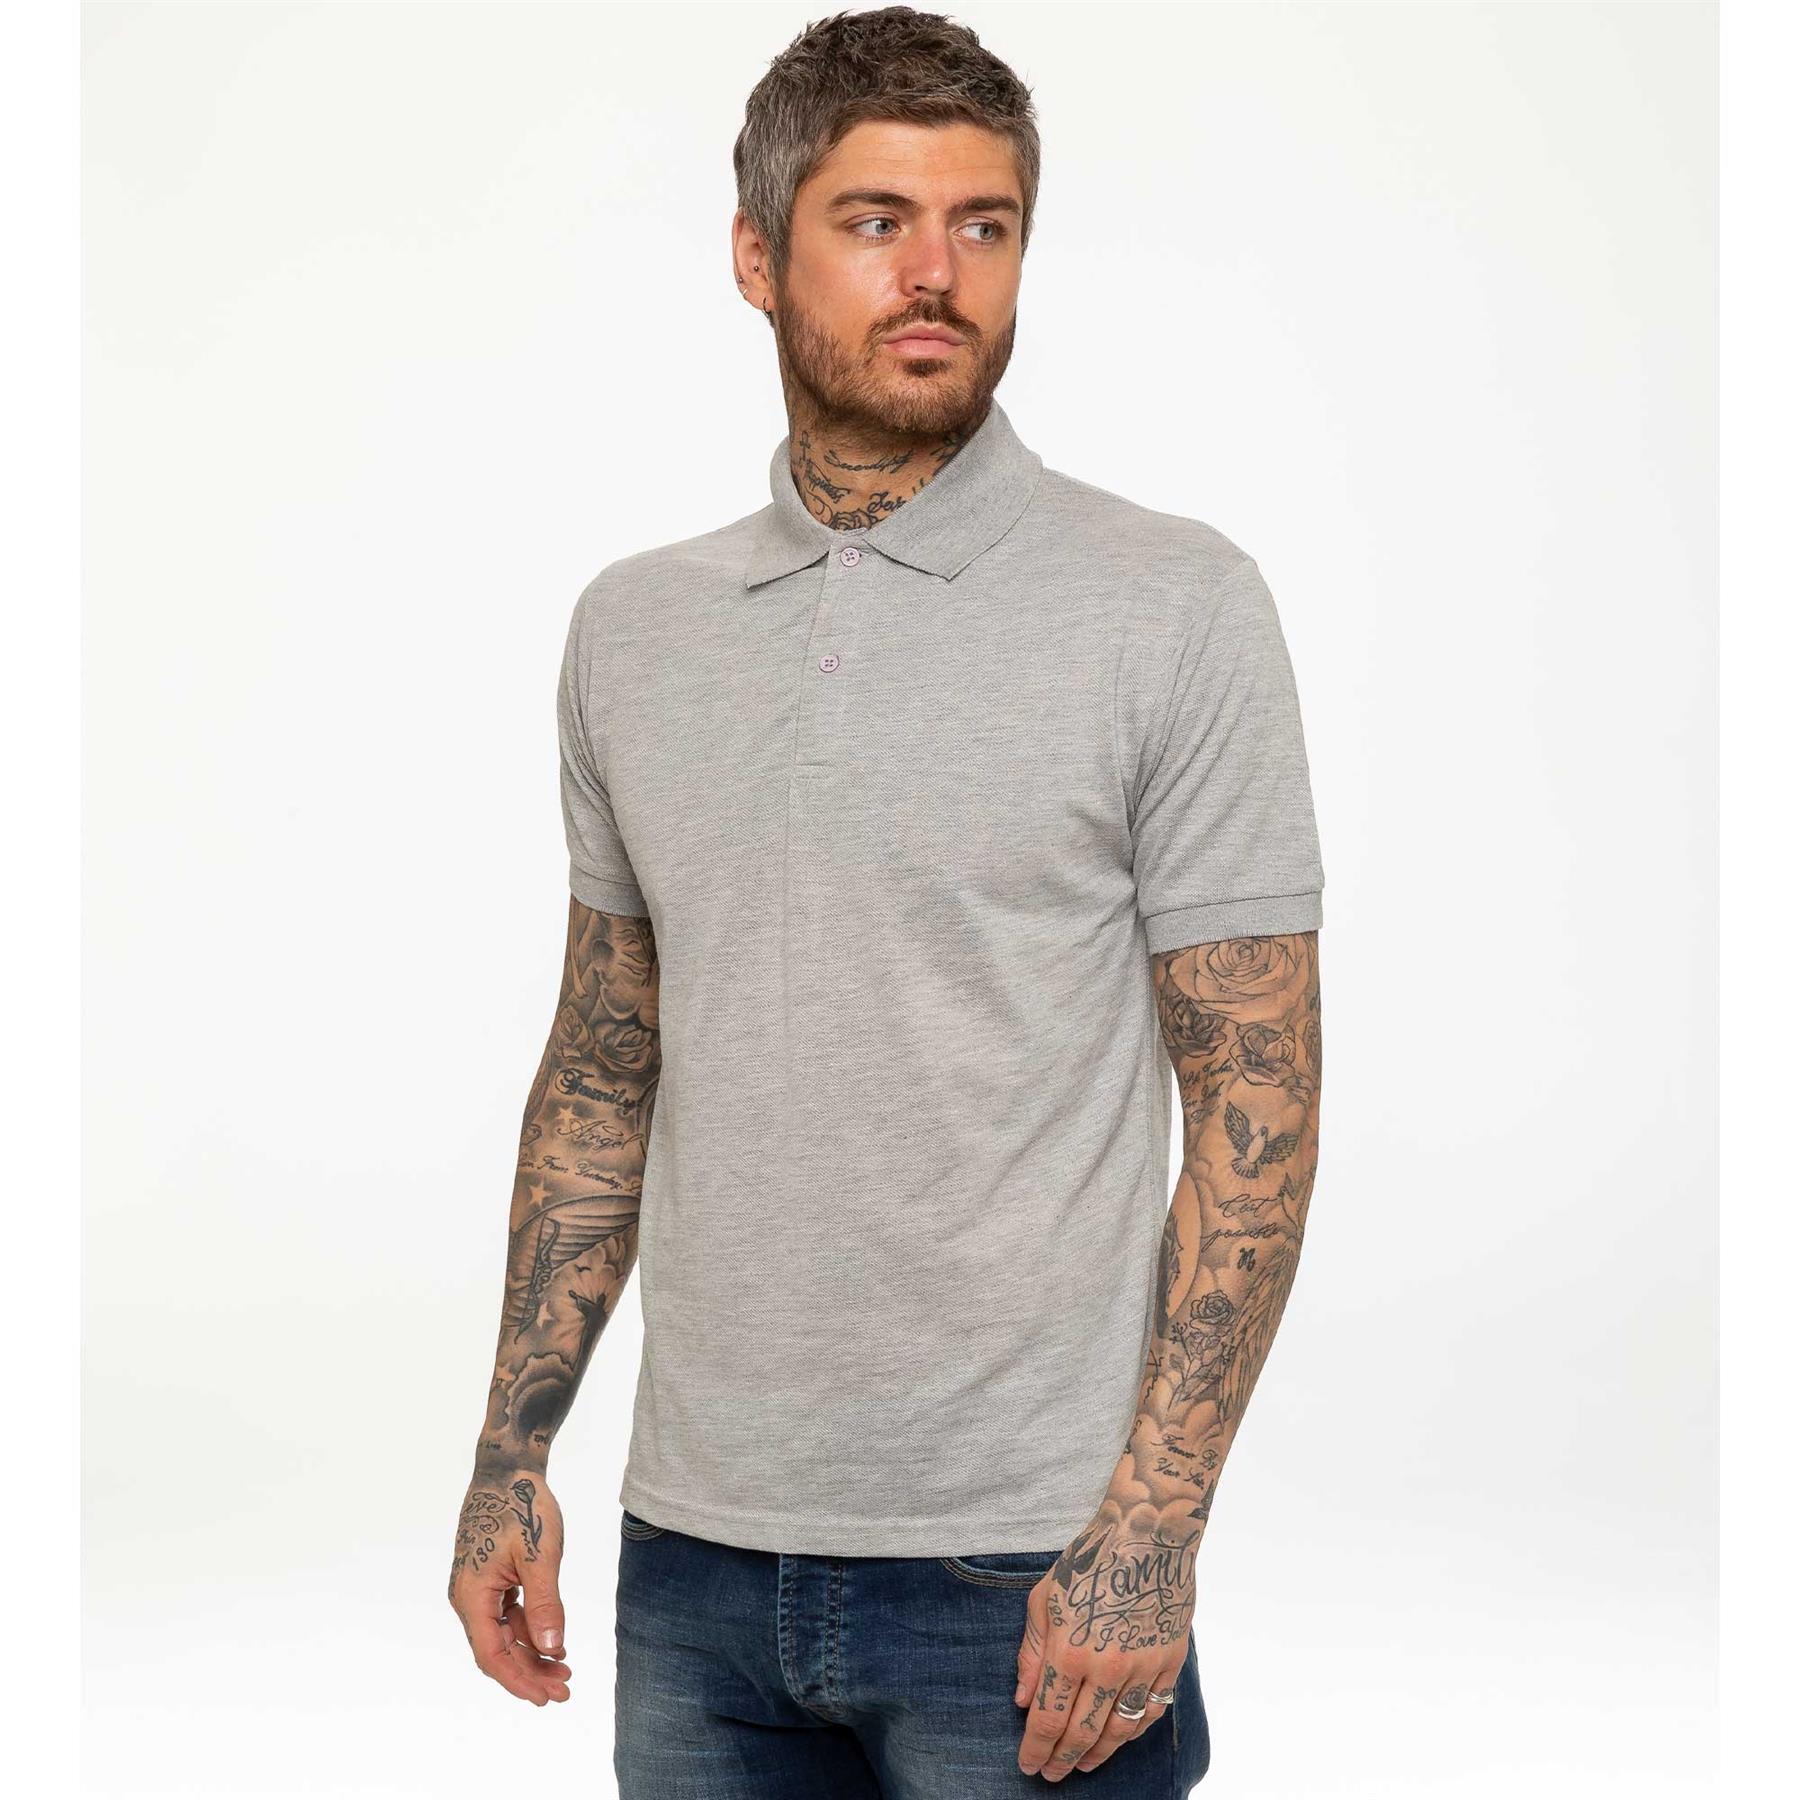 Indexbild 20 - Herren Polohemd Freizeit T-Shirts Neu Schlicht Kurzärmeliges Regular Fit